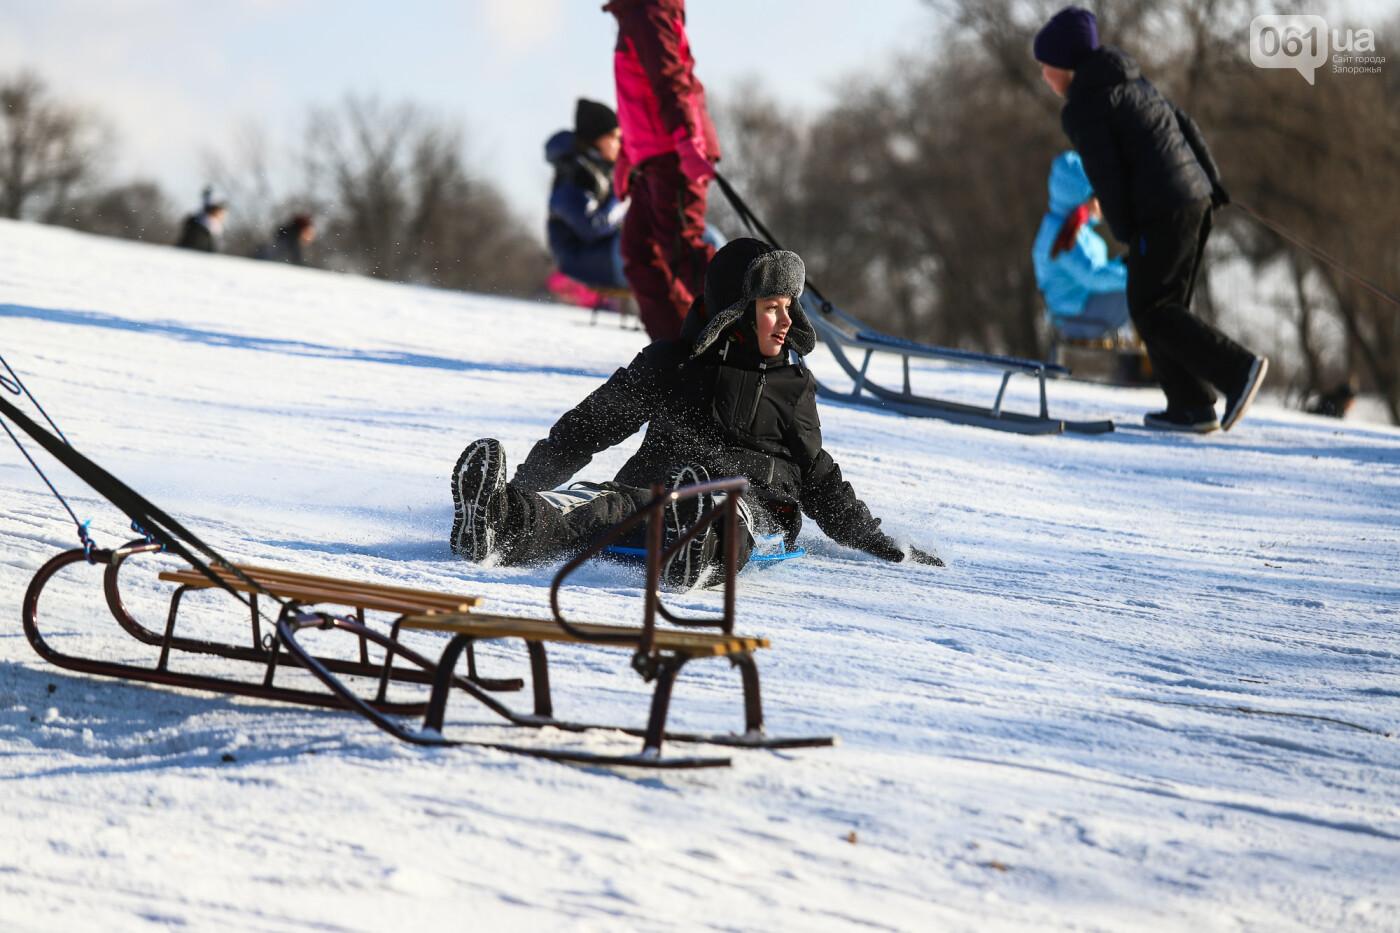 На санках, лыжах и сноуборде: запорожцы устроили массовое катание с горок в Вознесеновском парке, - ФОТОРЕПОРТАЖ, фото-78